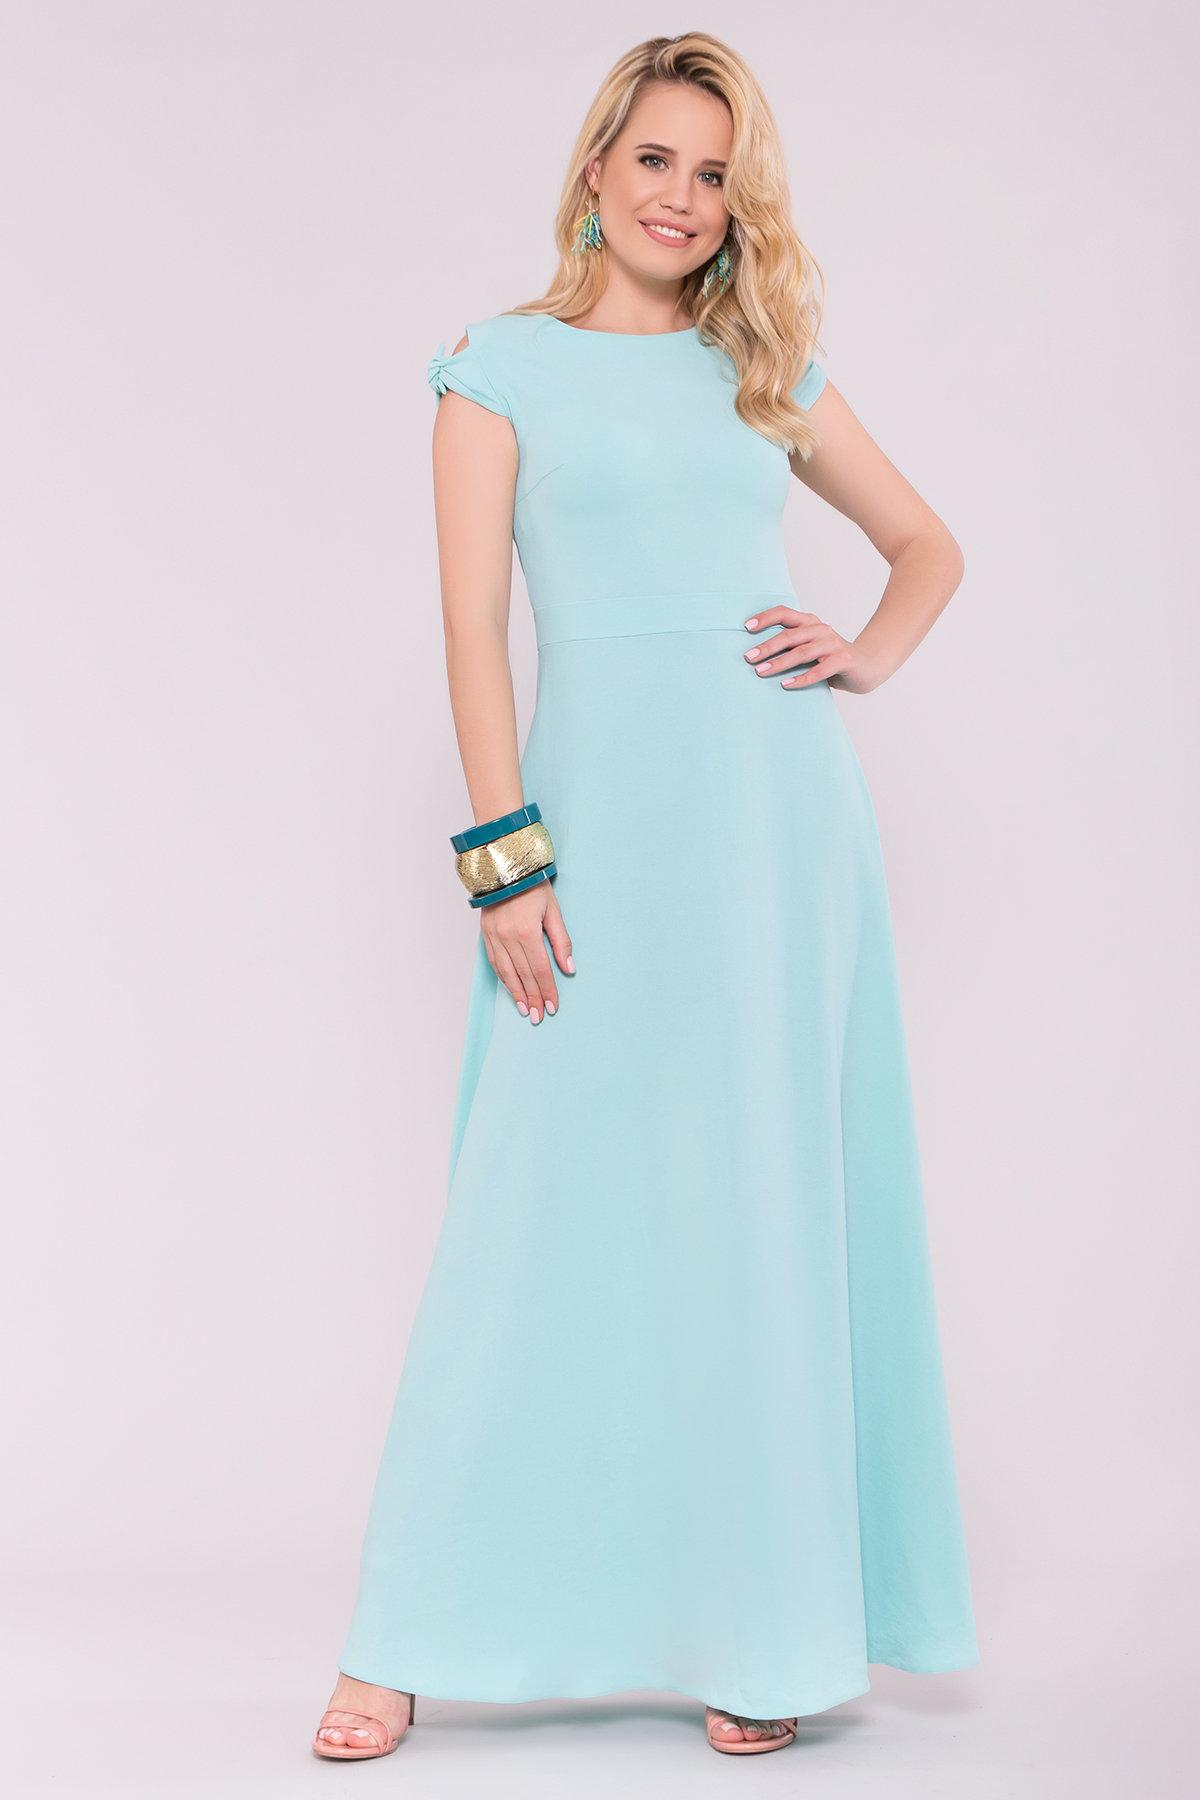 Платье Жане 7181 АРТ. 42599 Цвет: Мята - фото 3, интернет магазин tm-modus.ru